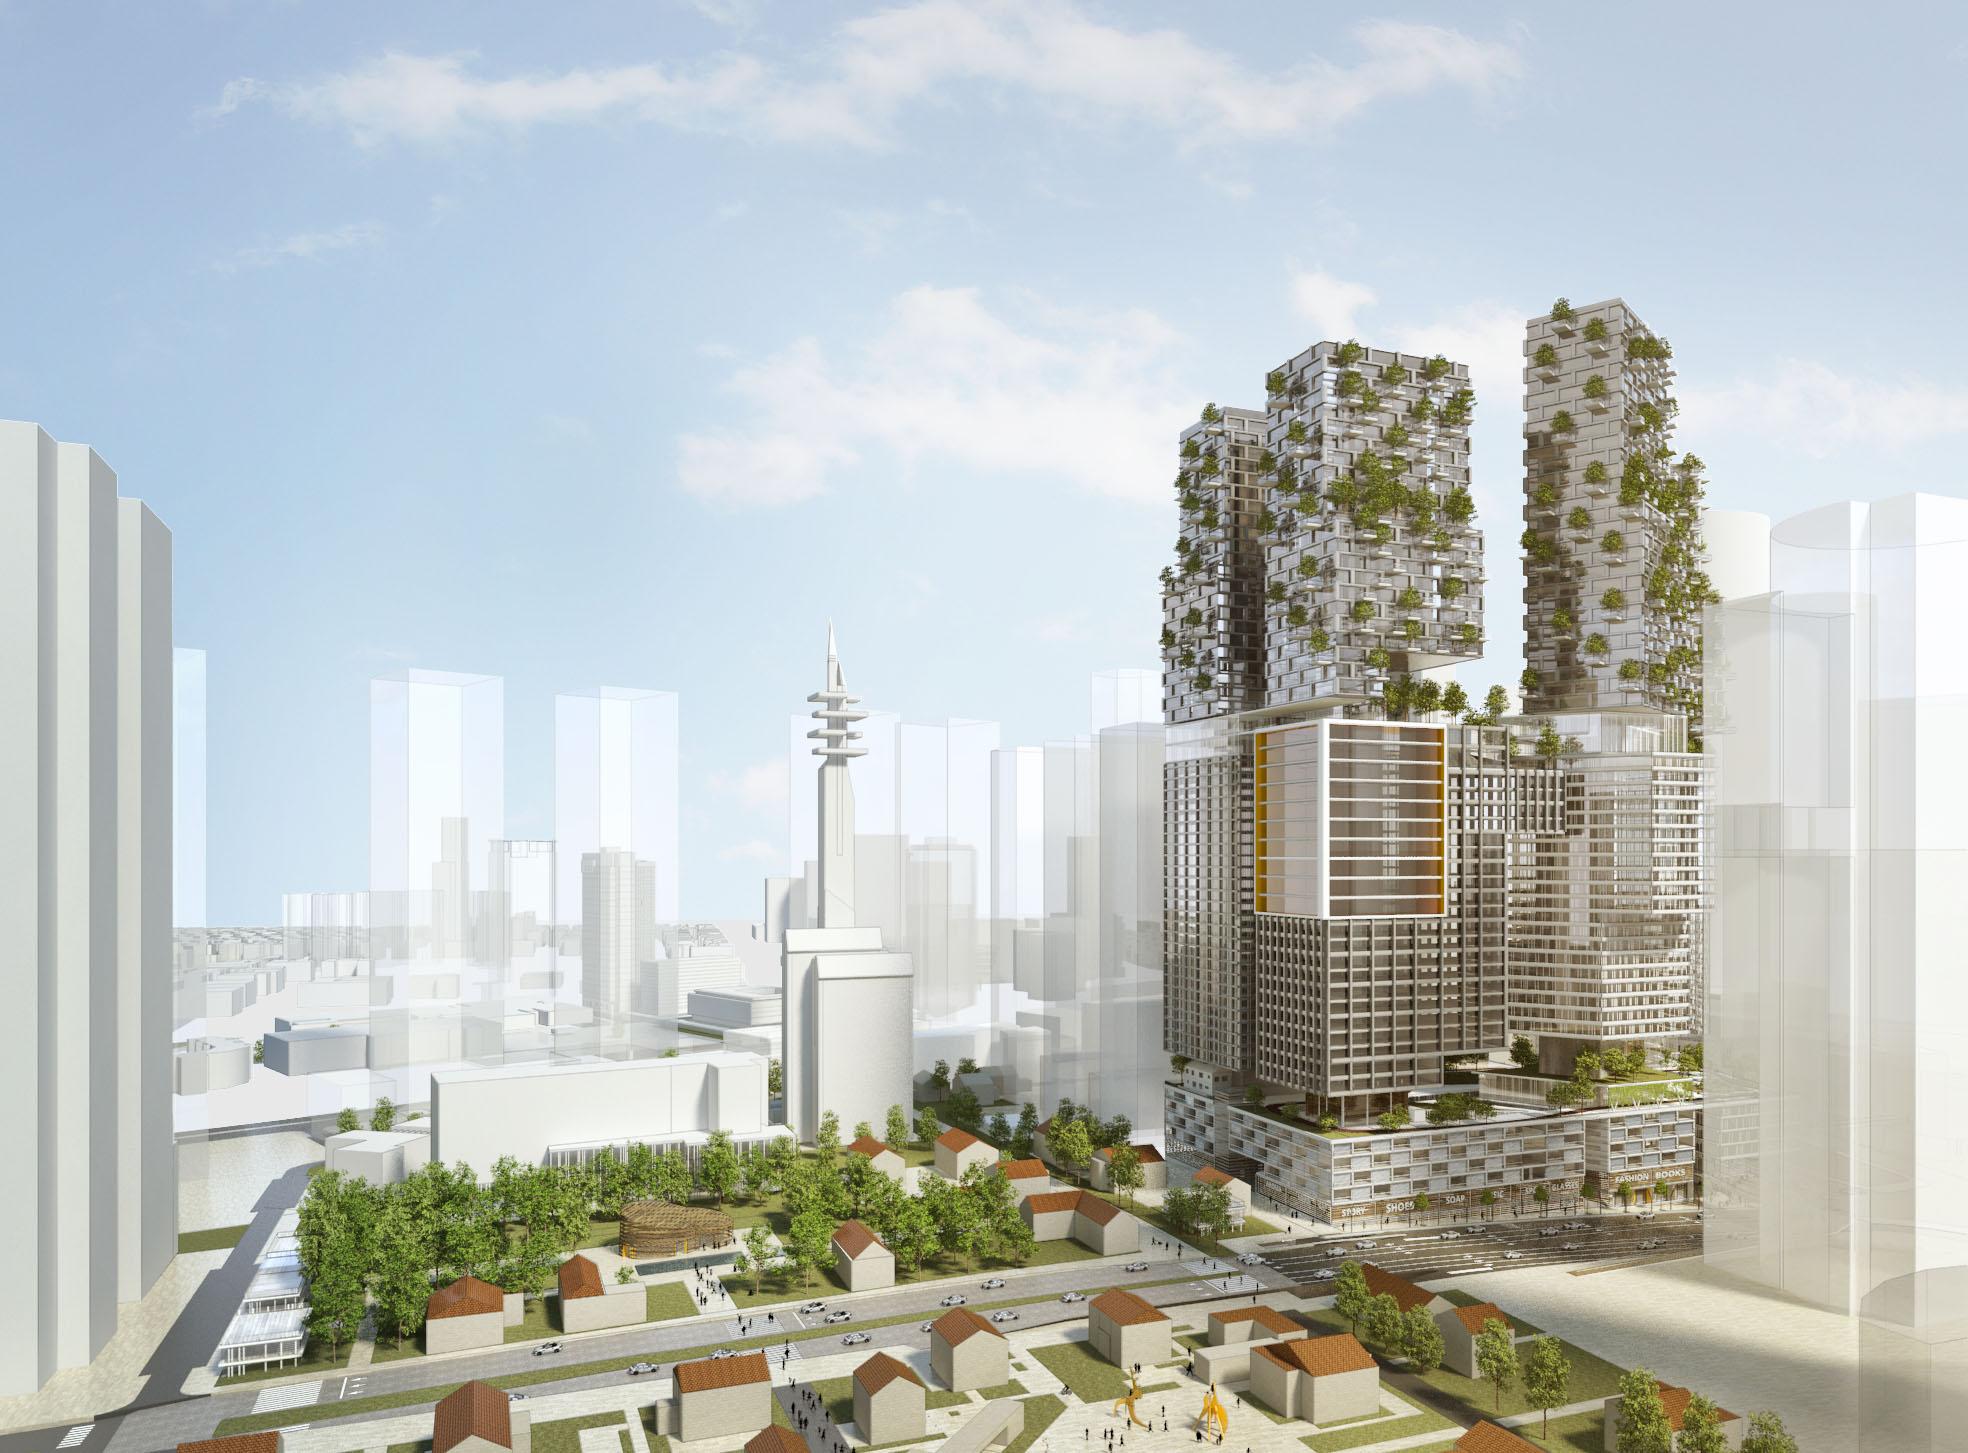 ממזרח: מתחם המגדלים שיכלול מגורים זולים ויקרים, מסחר, משרדים, מלון ומבני ציבור לתושבים. משמאל: פארק לאורך רחוב קפלן (הדמיה: קימל אשכולות אדריכלים)